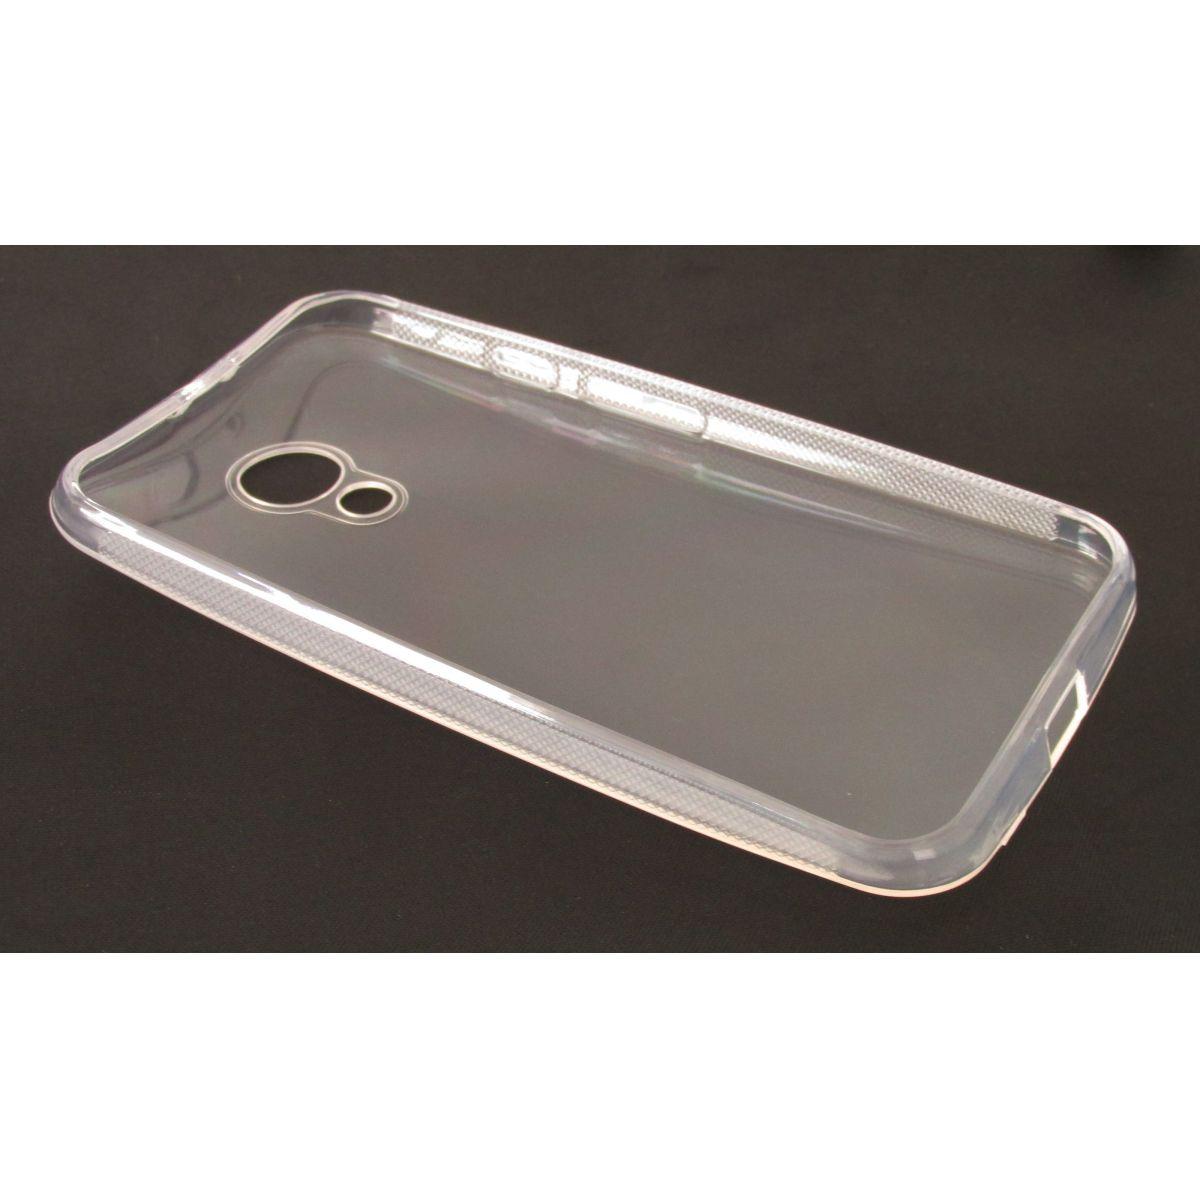 Capa de Tpu Motorola Novo Moto G2 Segunda Geração Xt1069 Xt1068 + Pelicula Transparente